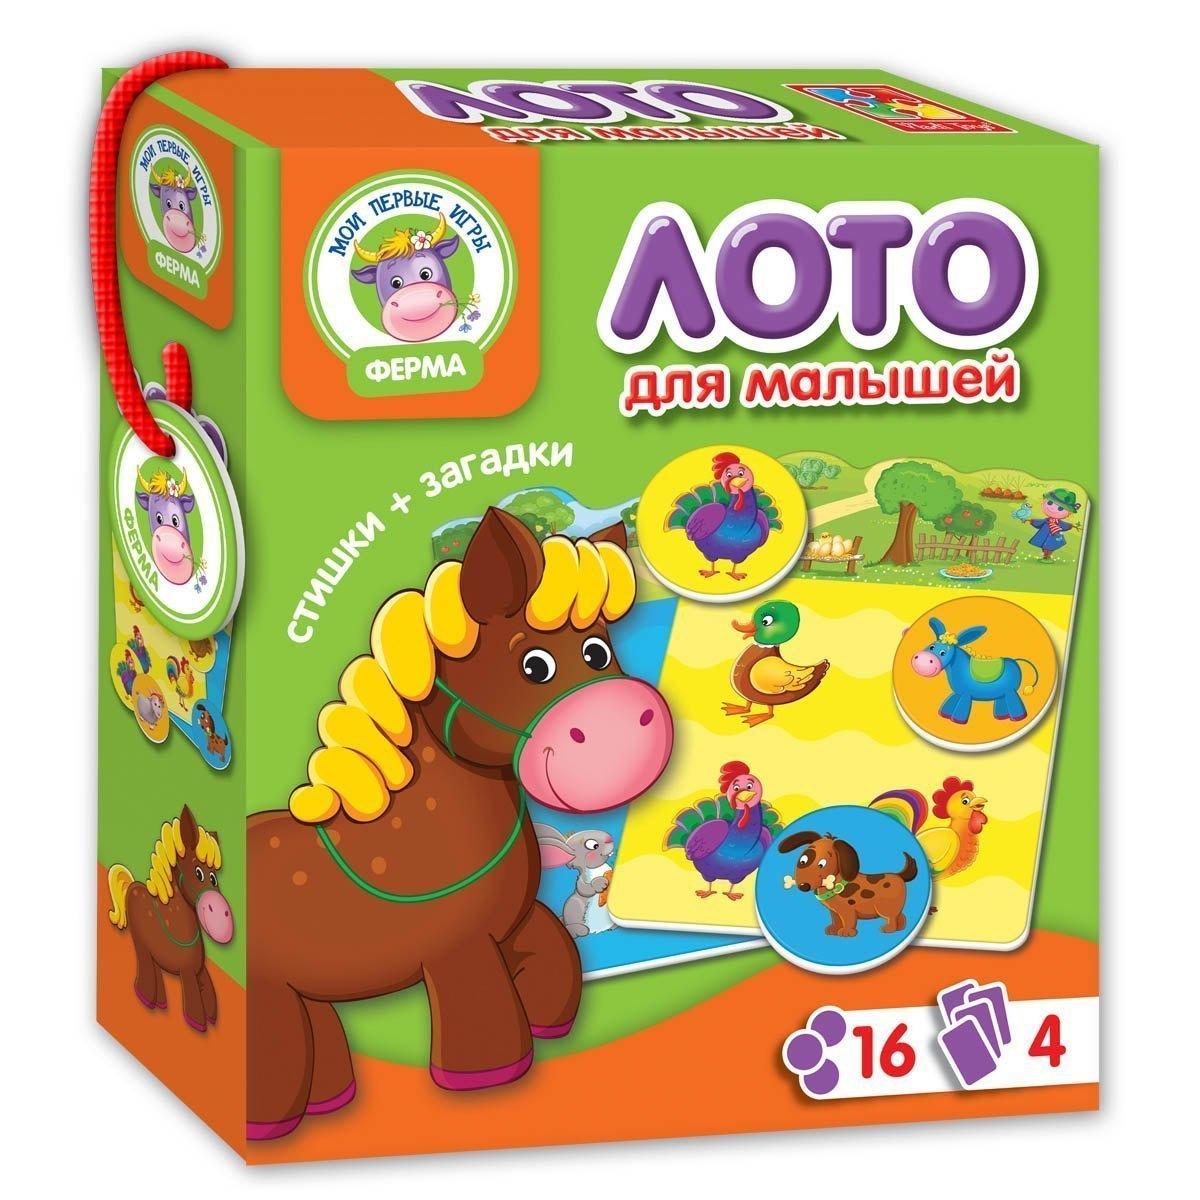 РазвивающаямагнитнаяиграVT2100-01 Ферма Лото Vladi Toys Влади Тойс